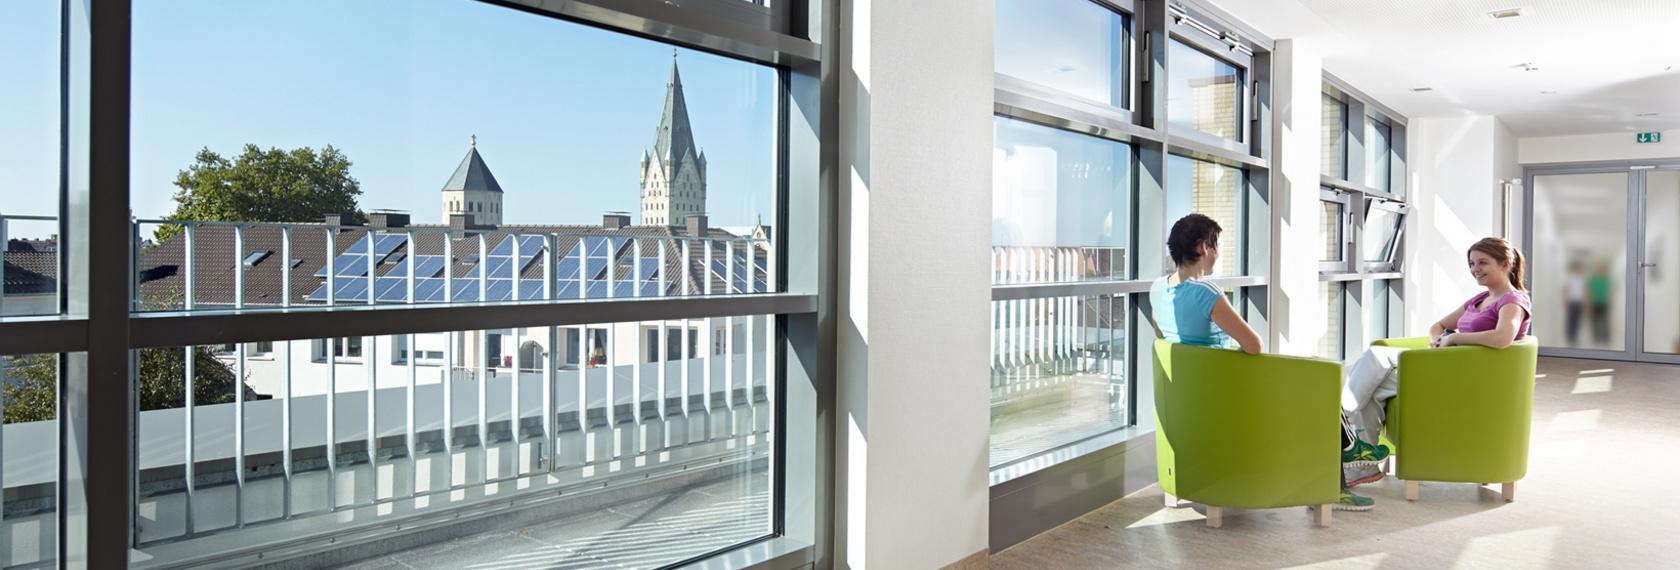 Von der Wahlleistungsstation des Neubaus erhalten Patienten und Besucher eine schöne Aussicht auf den Paderborner Dom